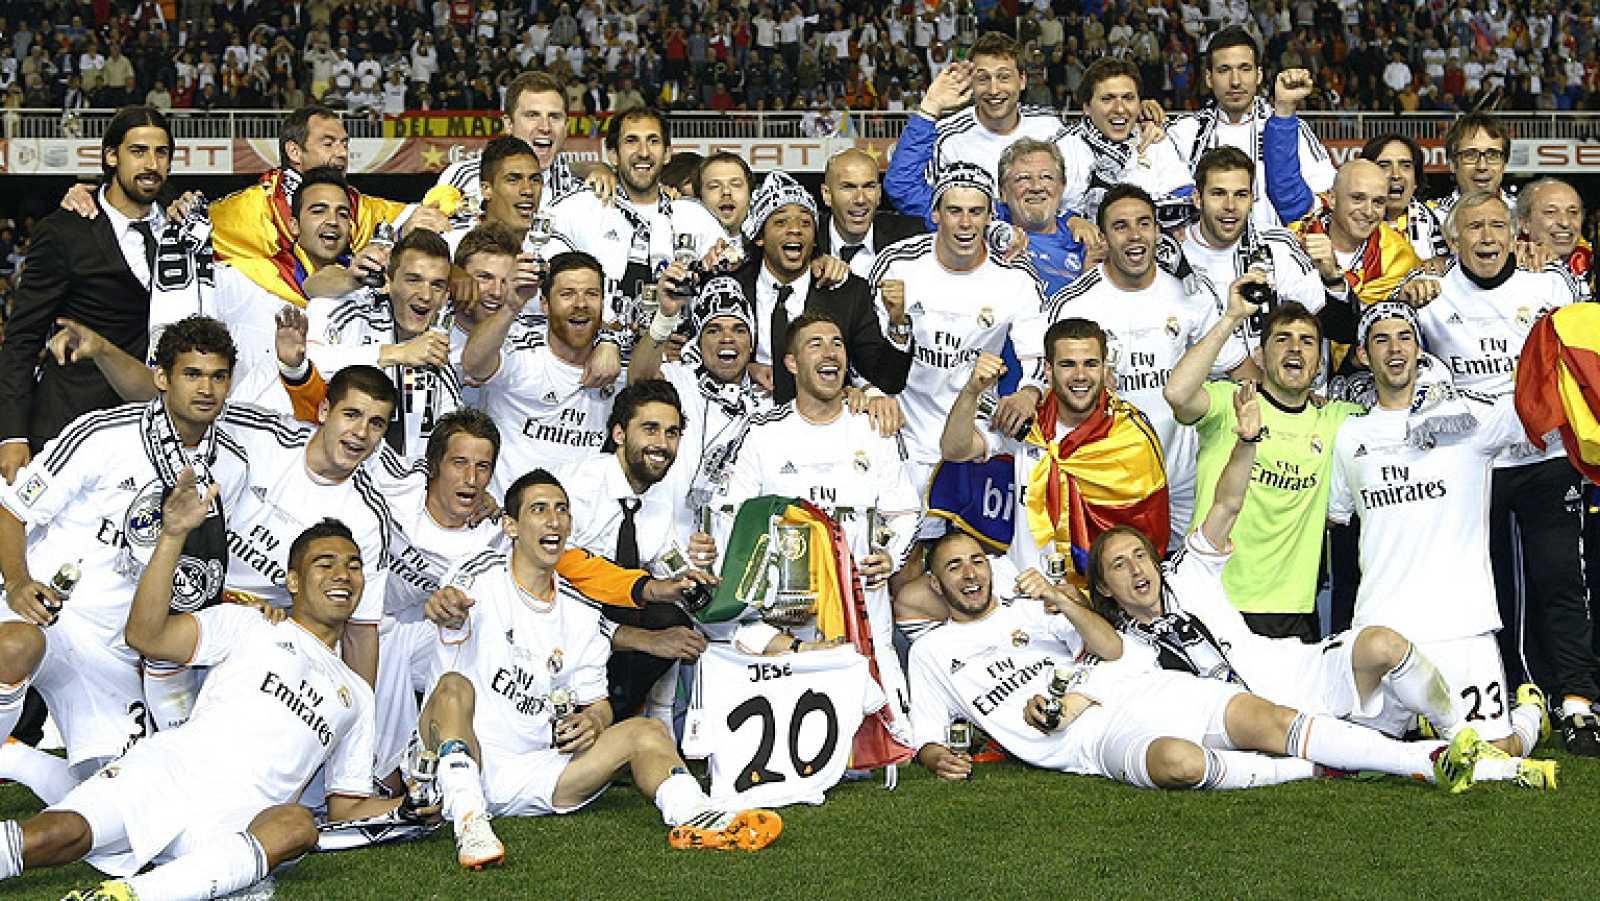 Como la que ganara hace tres años, también en Mestalla y también contra el Barça, el Real Madrid ha vuelto a coronarse campeón de la Copa del Rey, gracias a los goles de Di María y Bale, que anularon el gol de Bartra.